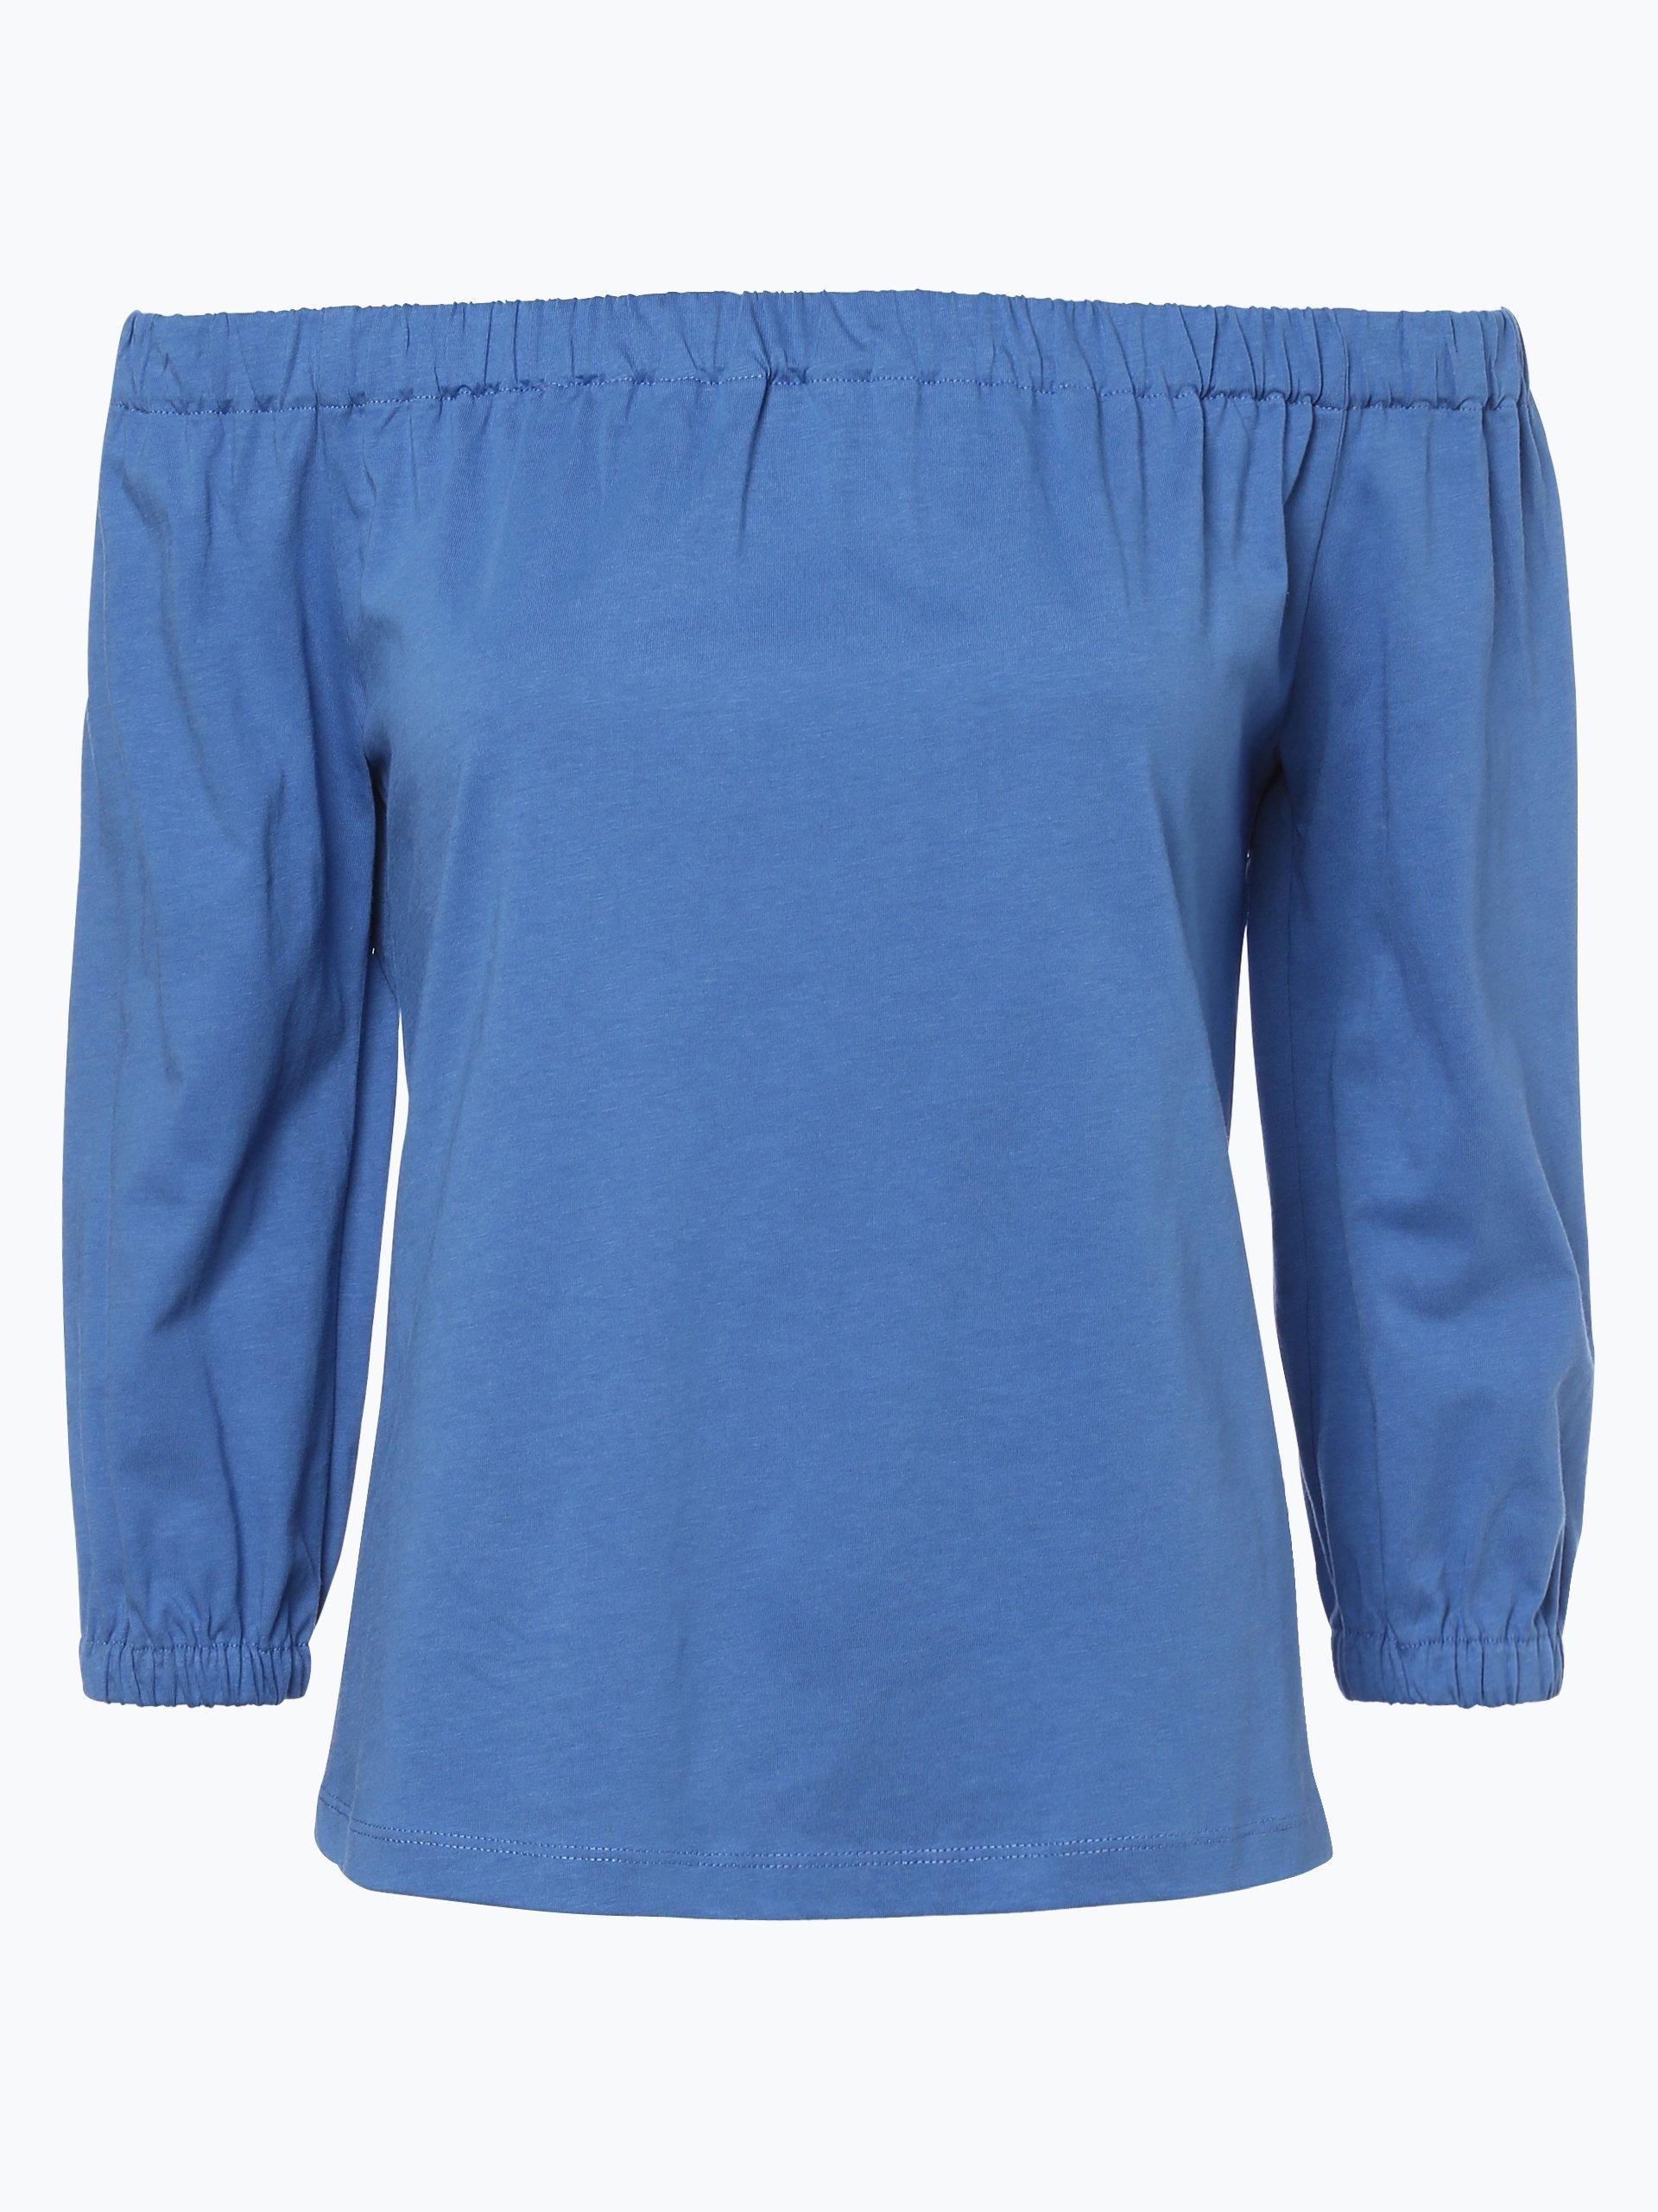 tommy hilfiger damen shirt royal blau uni online kaufen. Black Bedroom Furniture Sets. Home Design Ideas